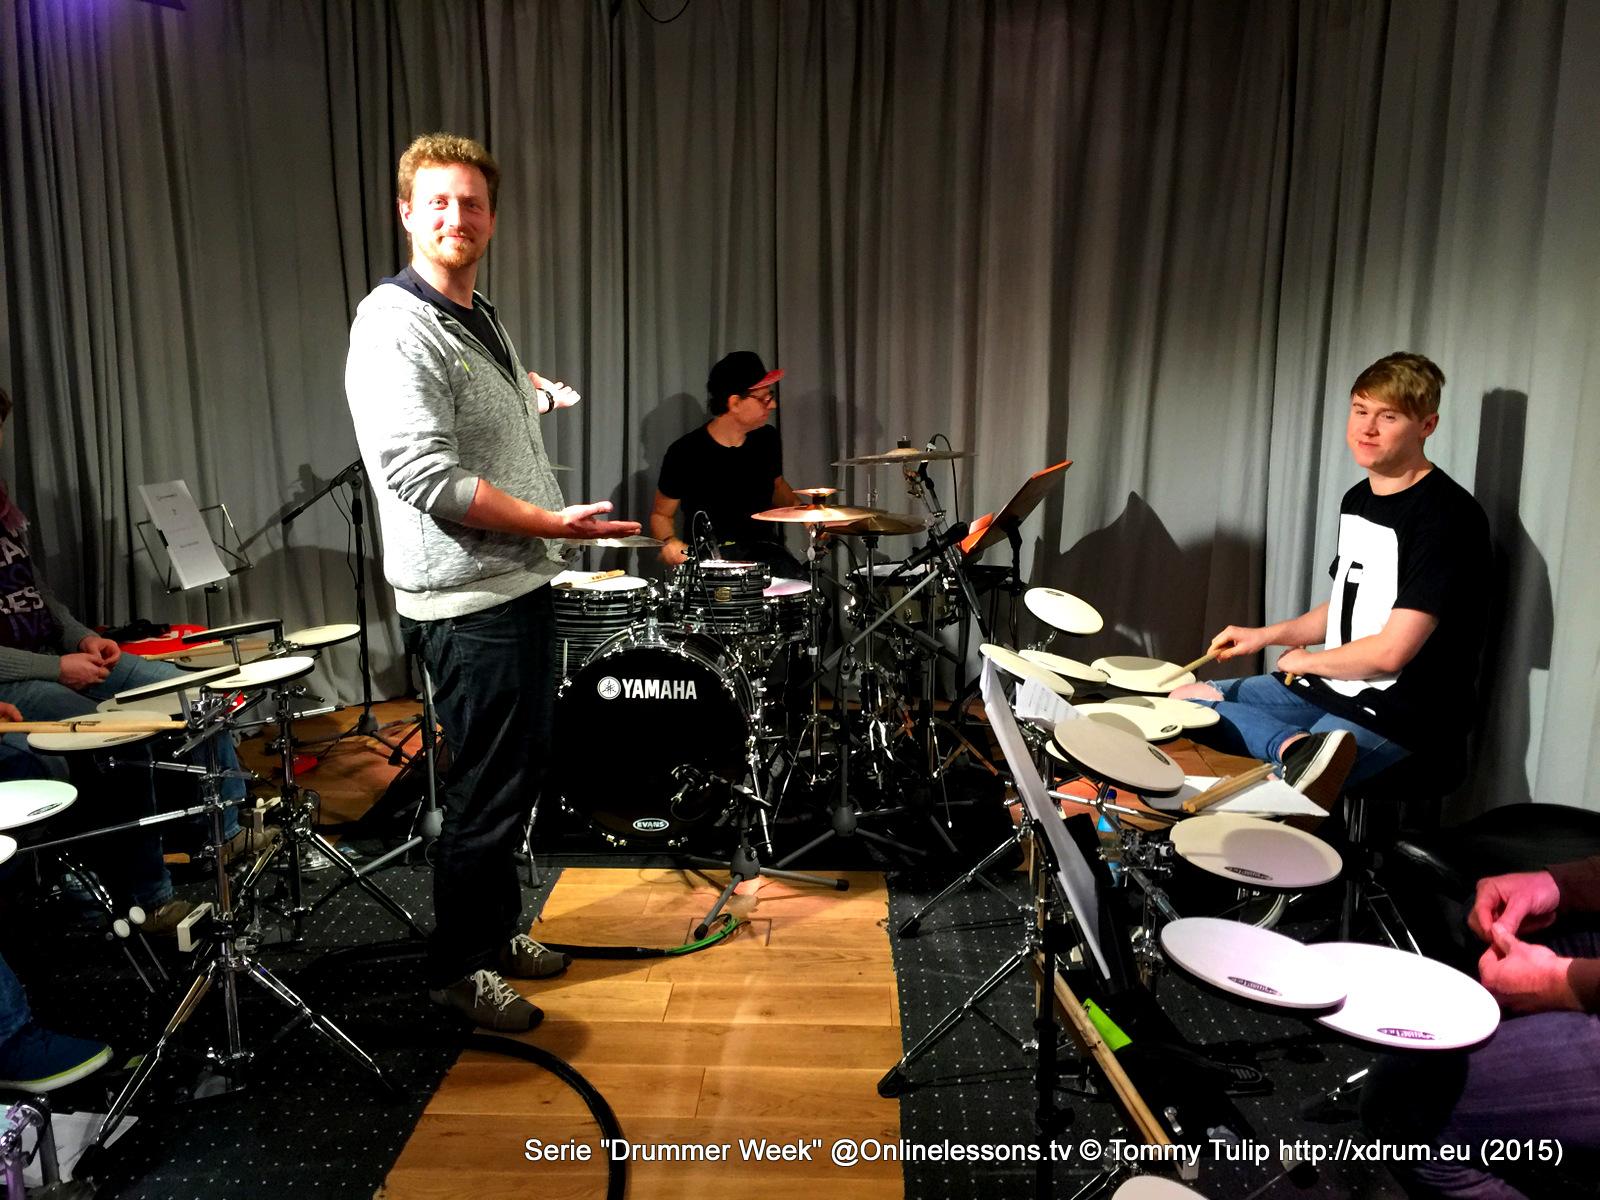 Florian Alexandru-Zorn (vorn) und Ralf Gustke (hinten) Drummer Week 10.15 Onlinelessons.tv